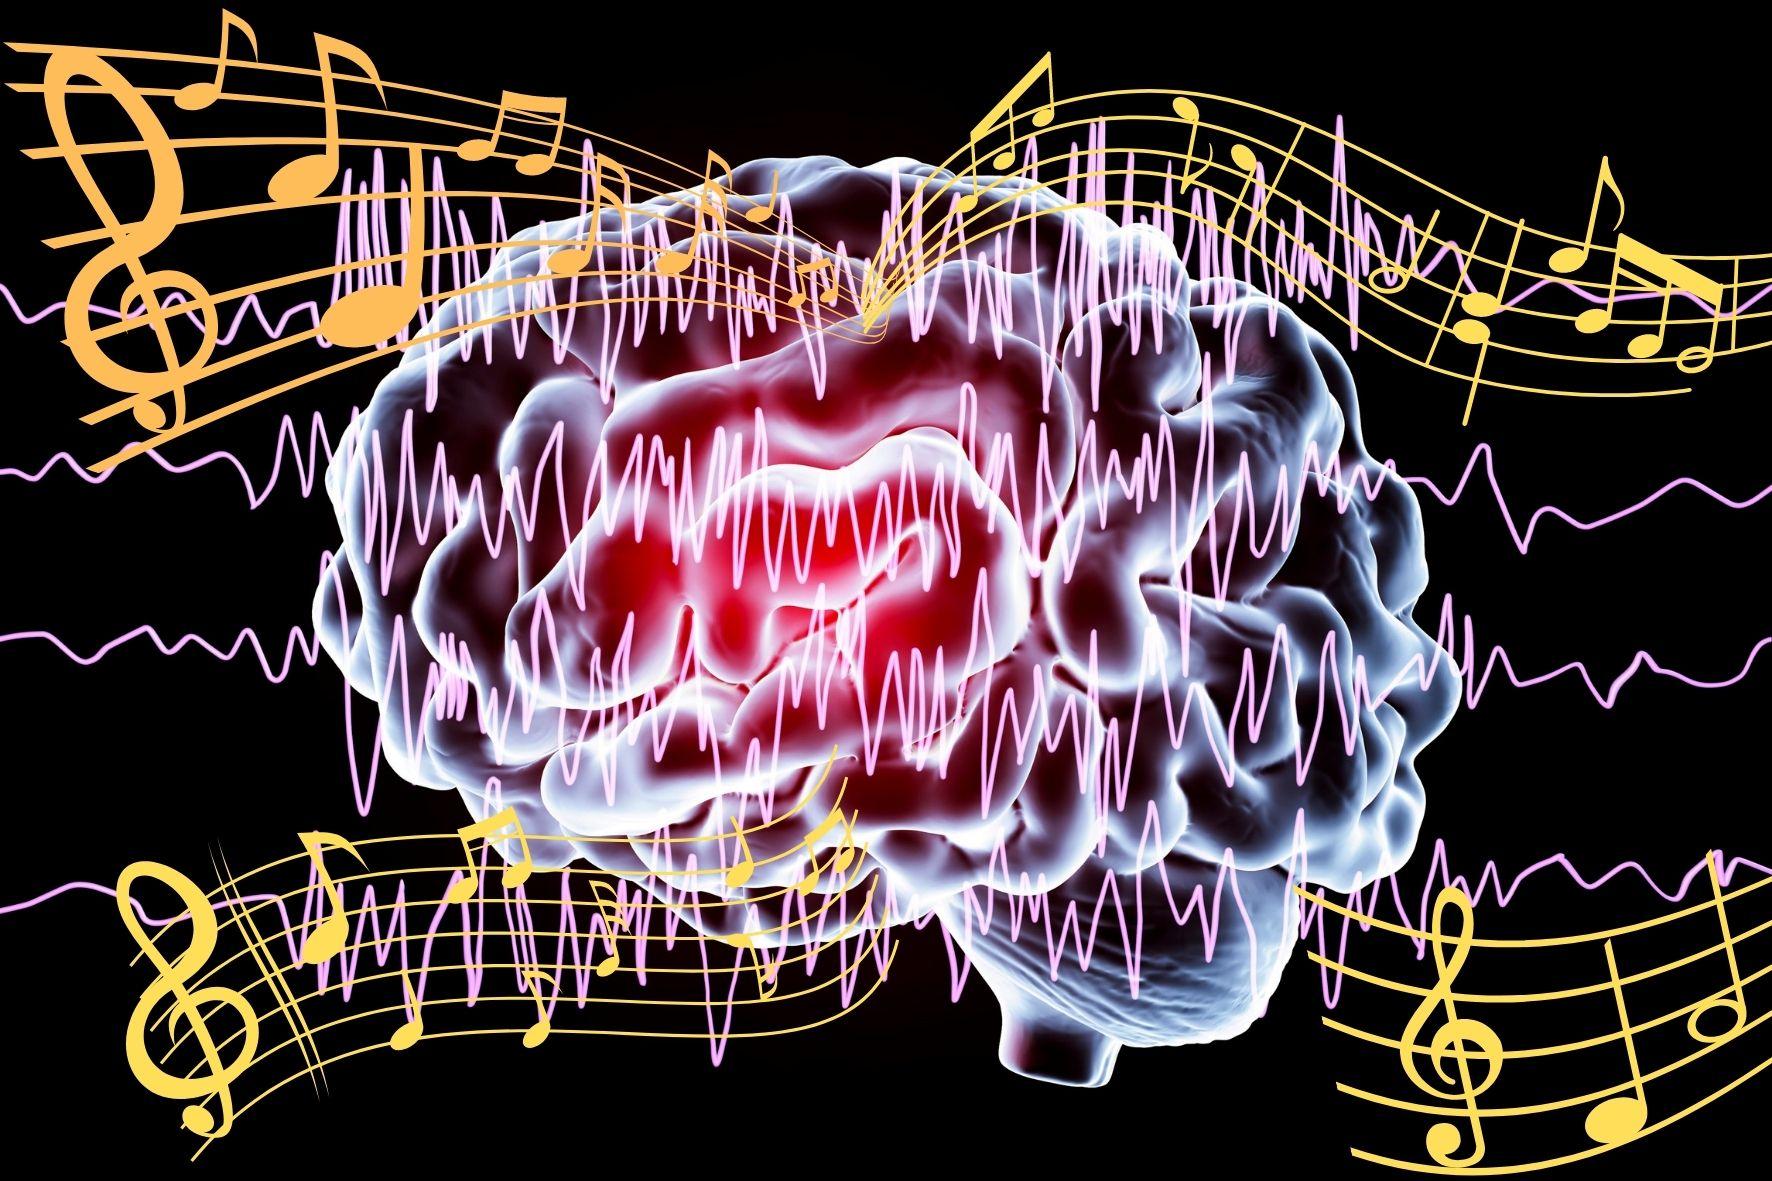 脳波を観測すると他人が聴いている音楽が特定できる